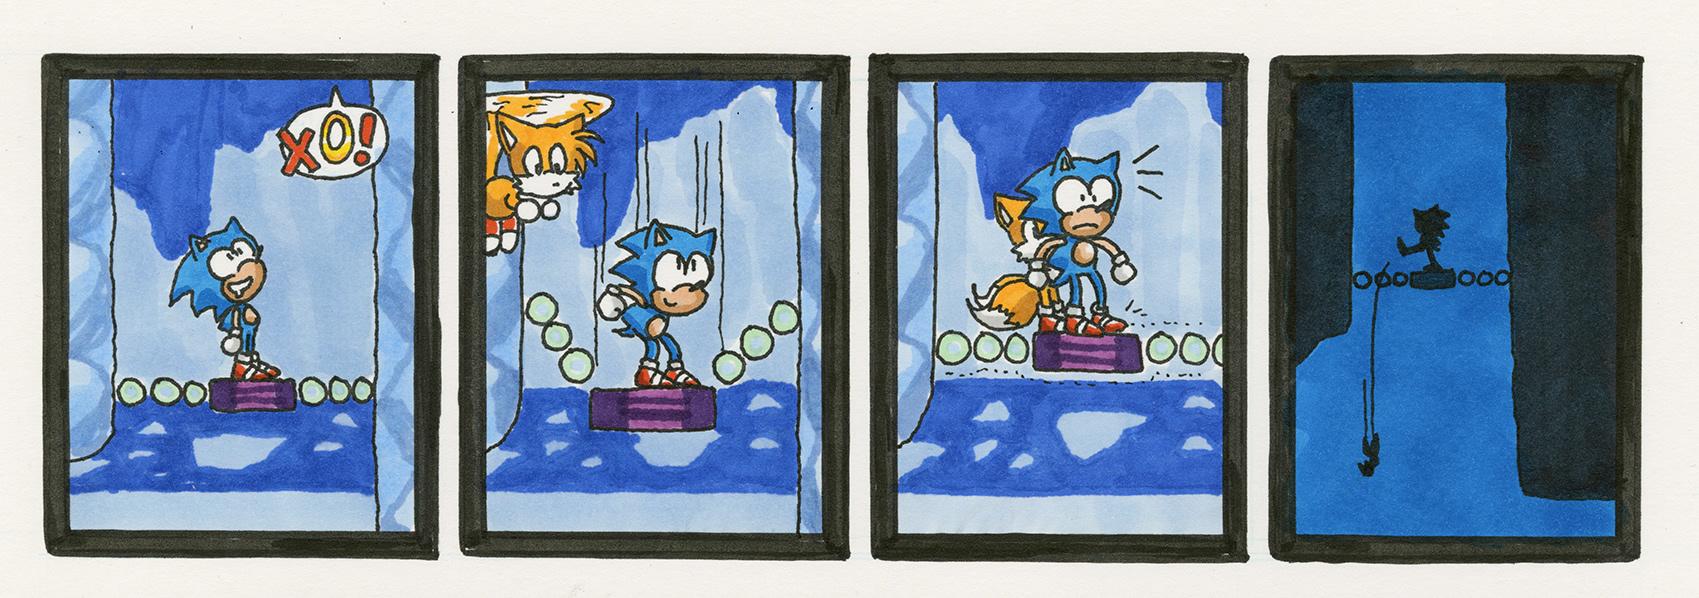 Sonic the Hedgehog 3: Icecap Zone, Act 2